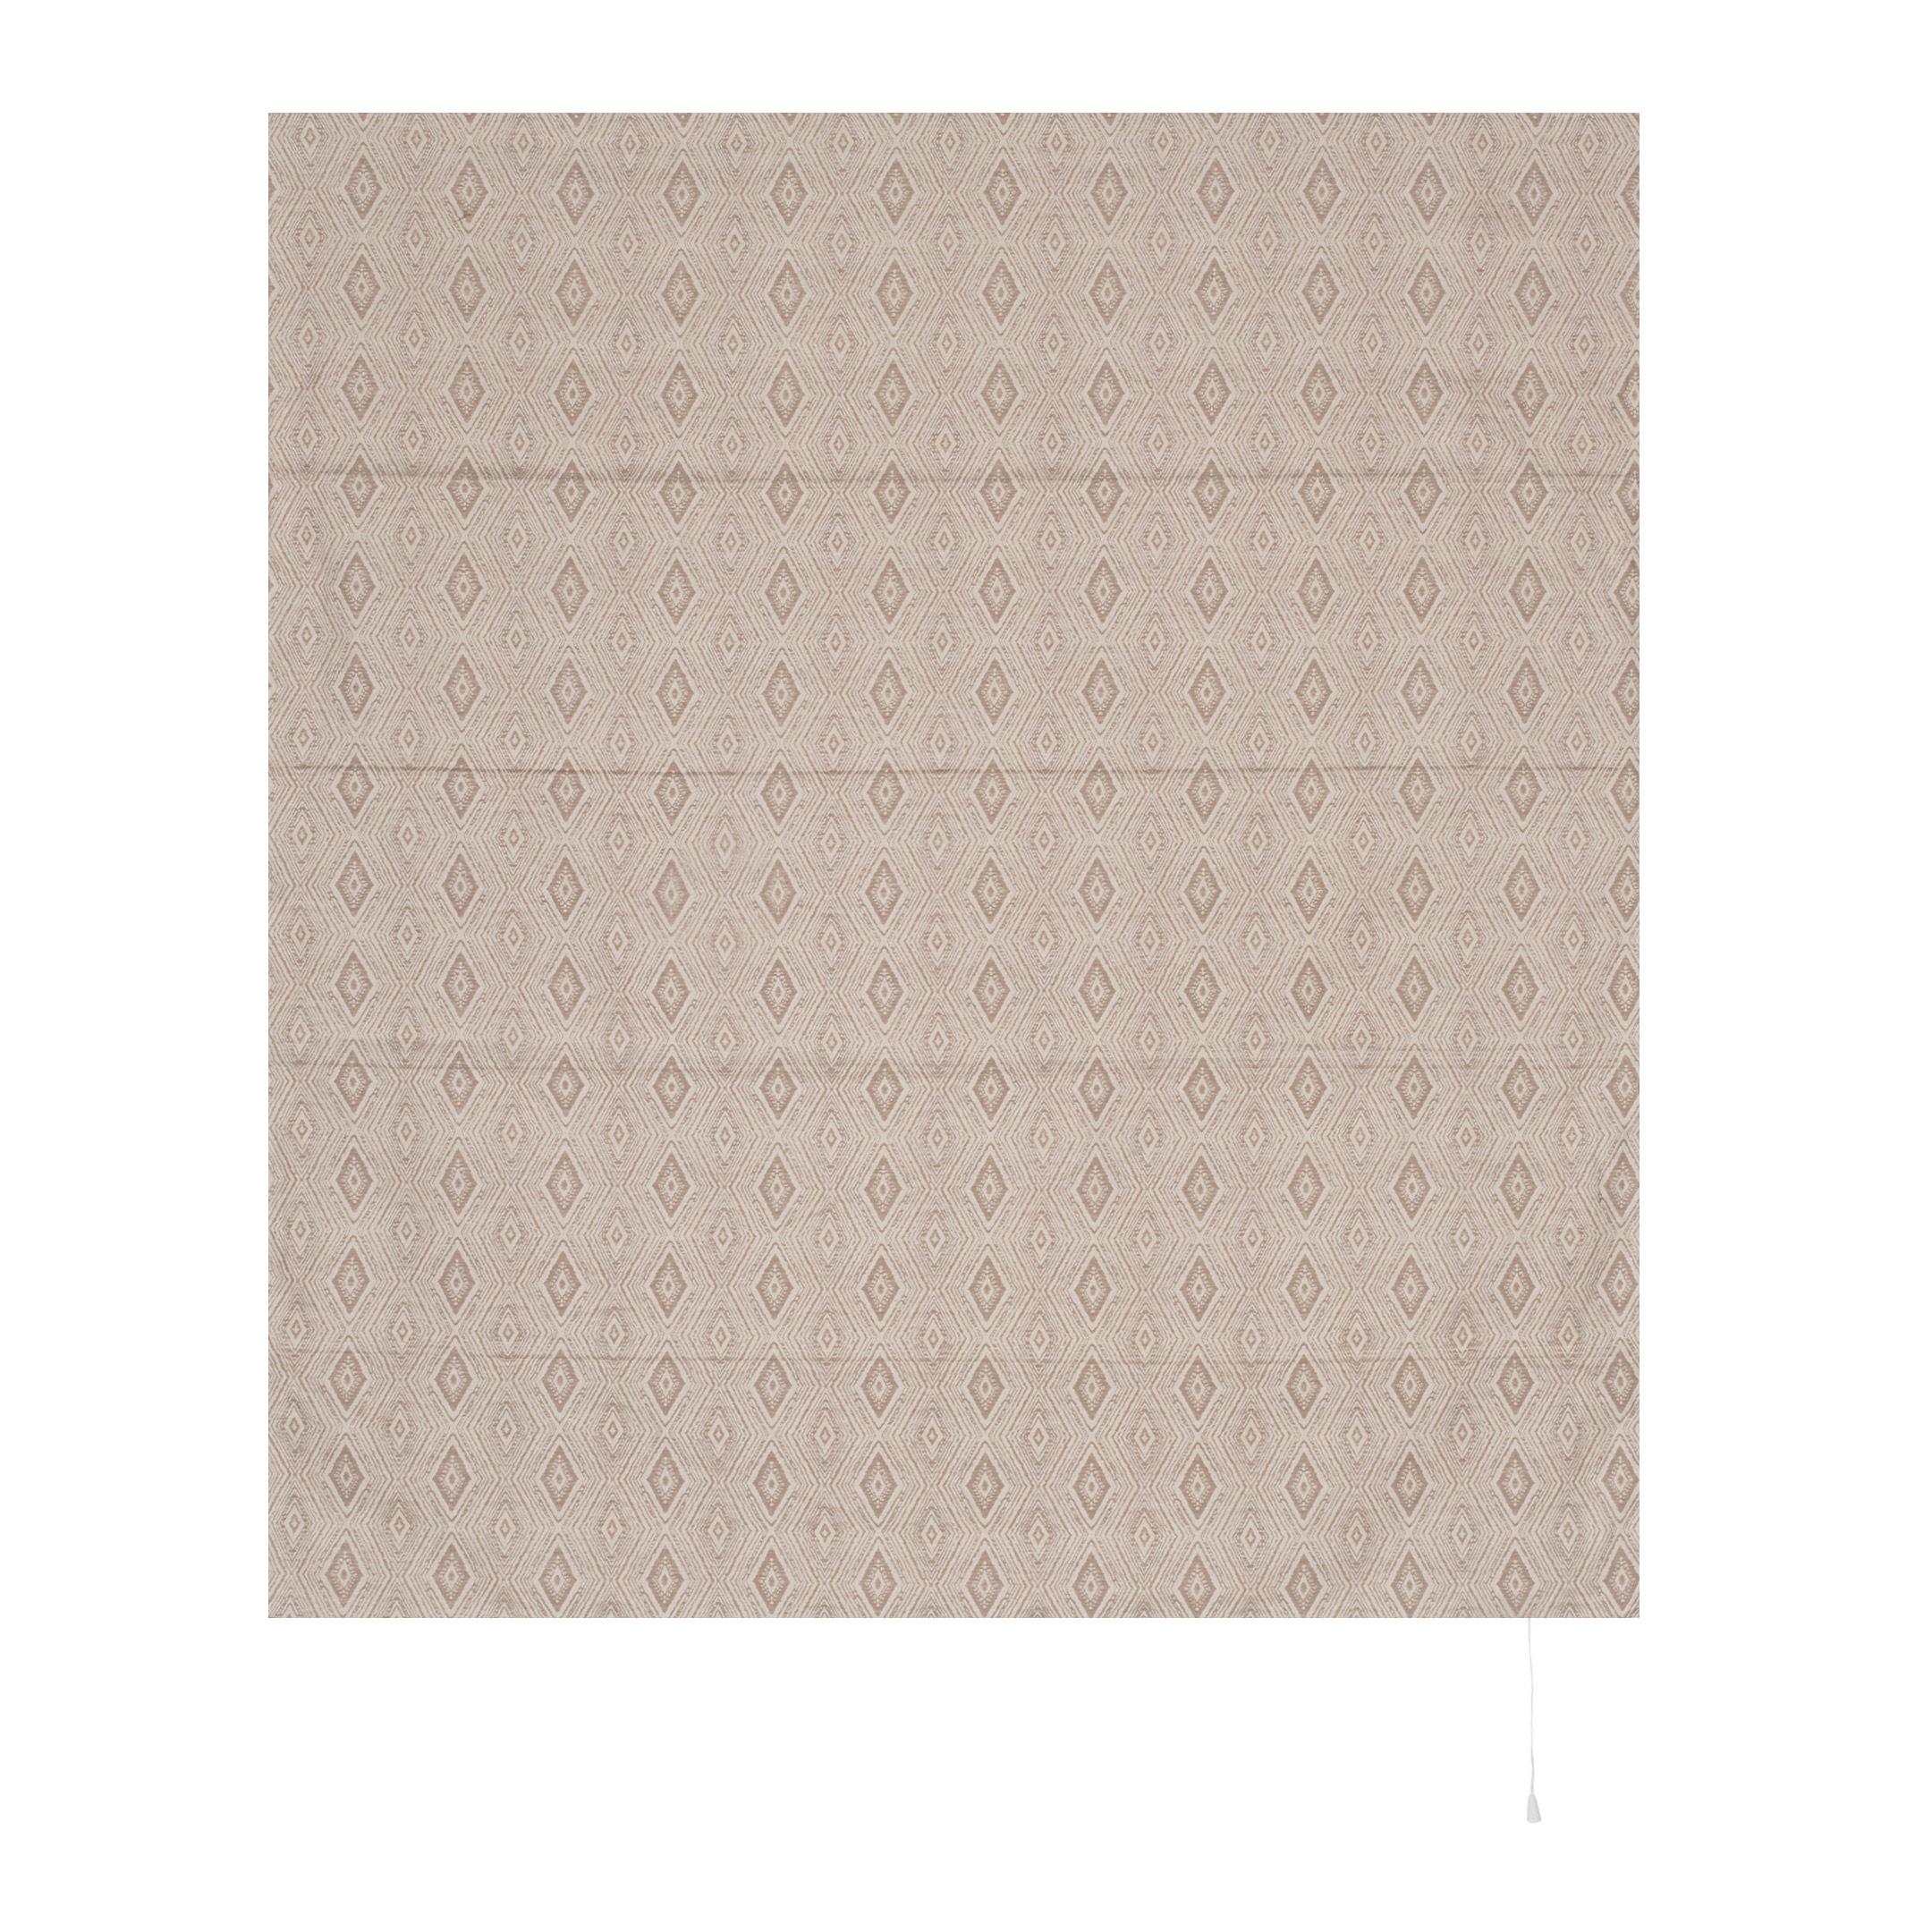 Штора римская Сафари 120х160 см бежевый штора римская сафари 60х160 см бежевый